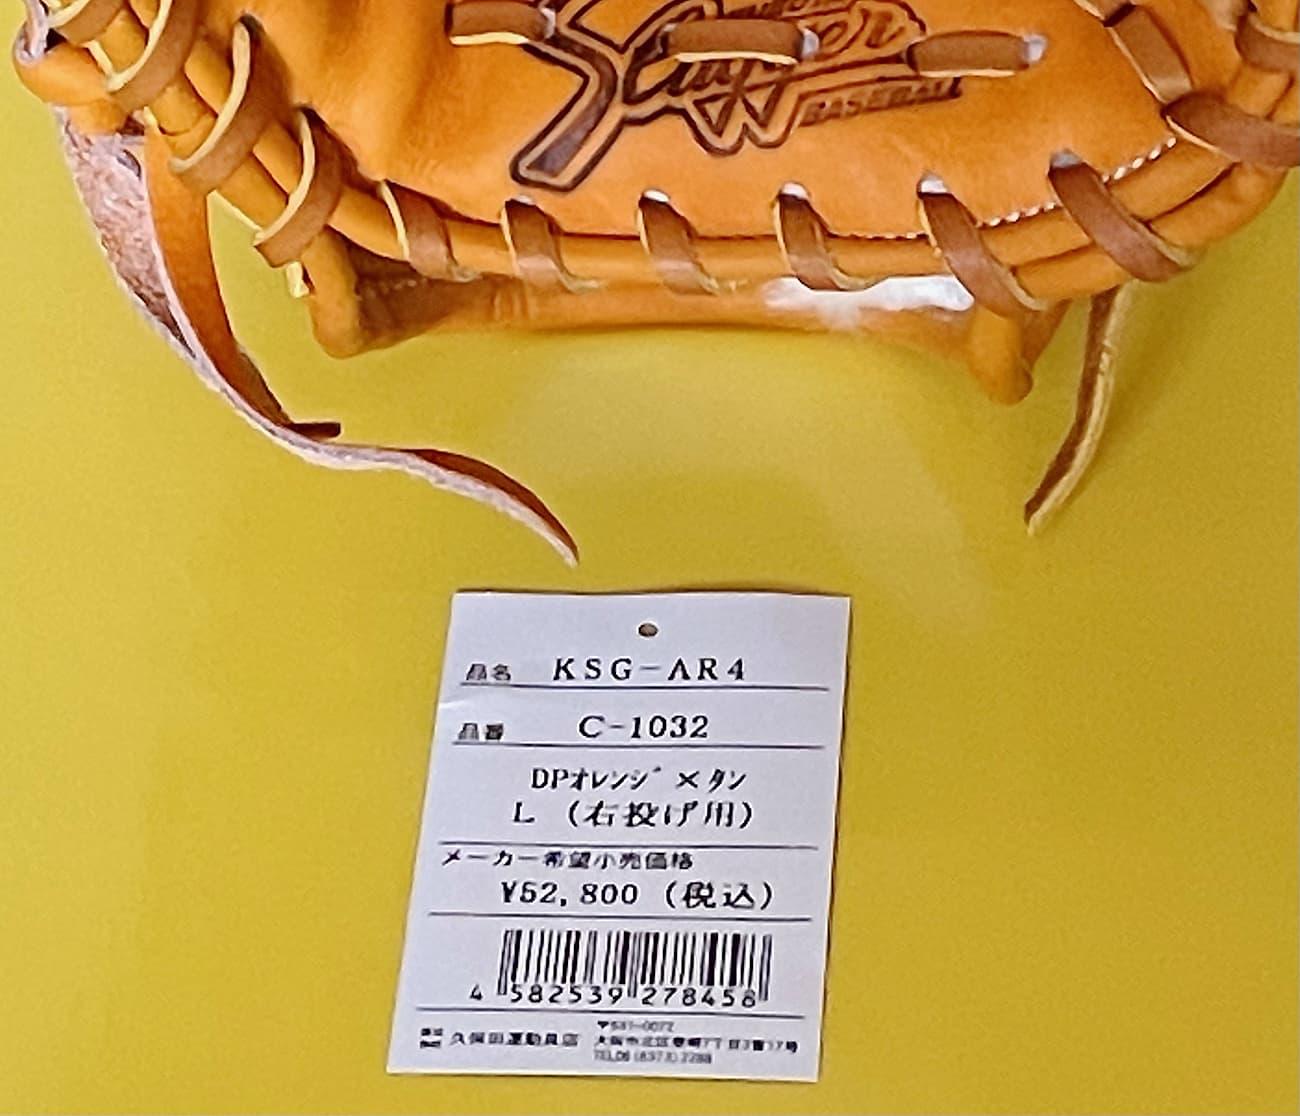 【クボタスラッガー】硬式野球グラブ・KSGAR4(内野手・右投げ)値札